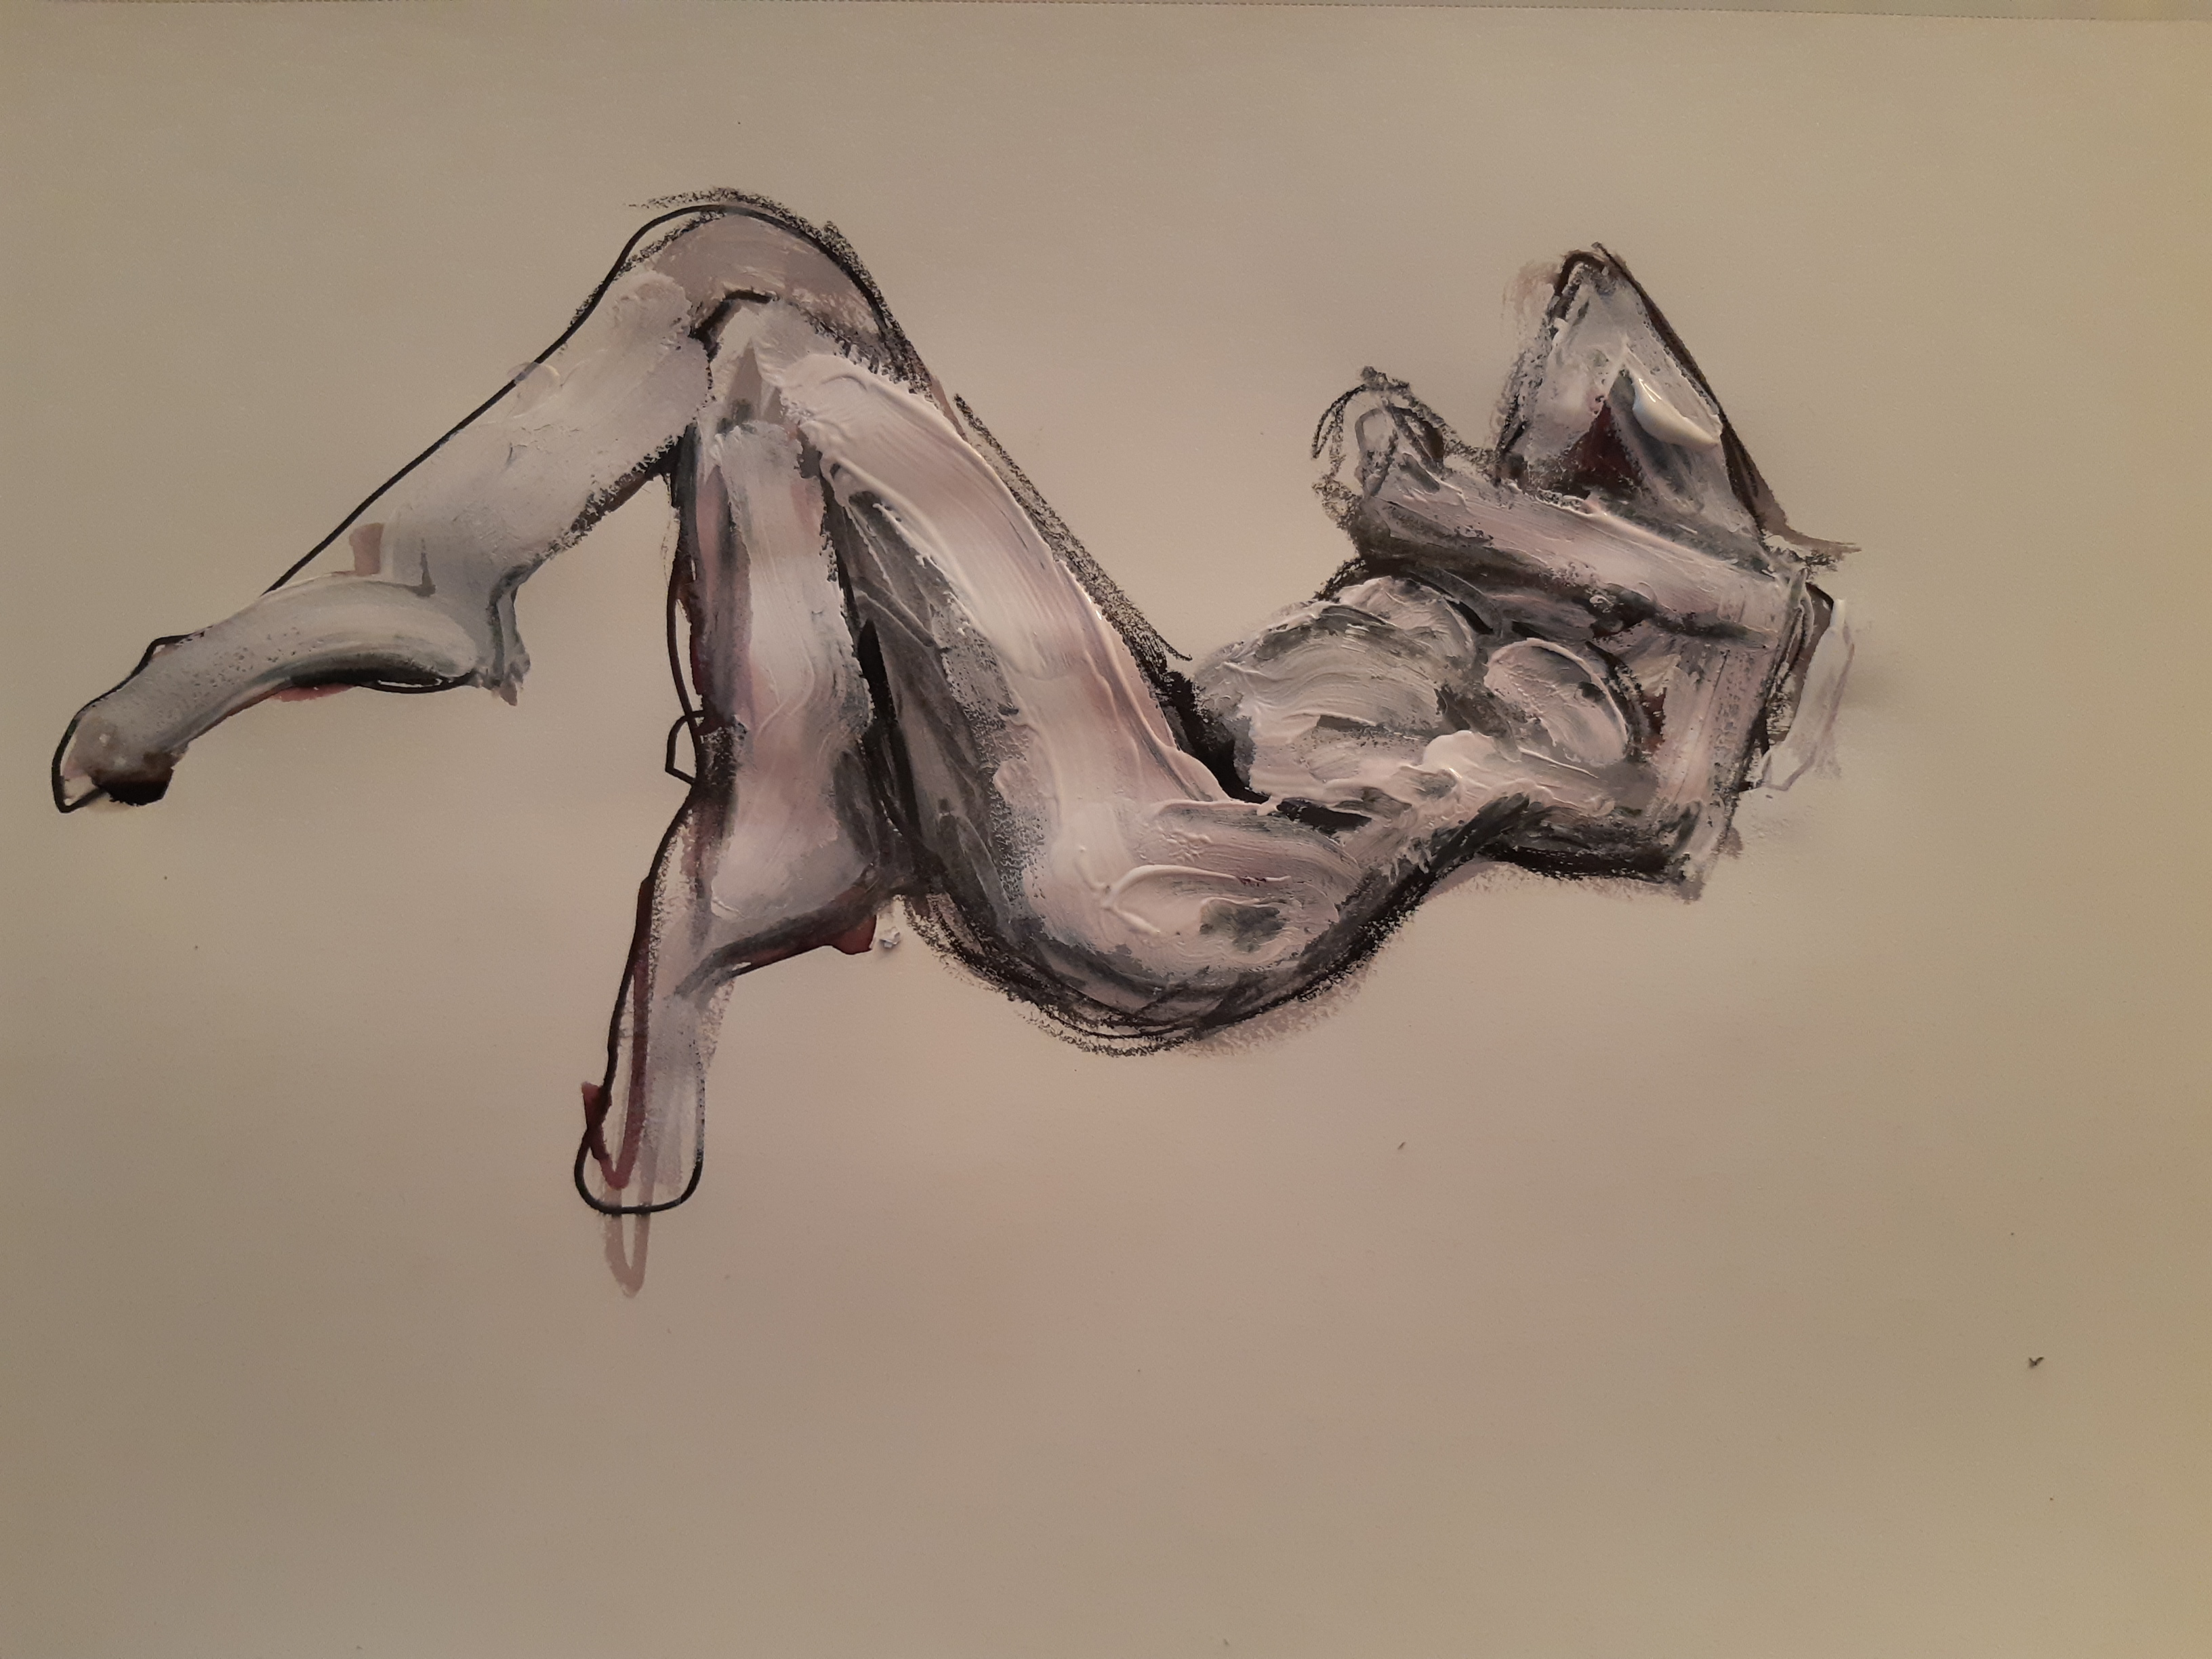 Peinture sur papier technique mixte feutre fusain gouache femme allongé  cours de dessin